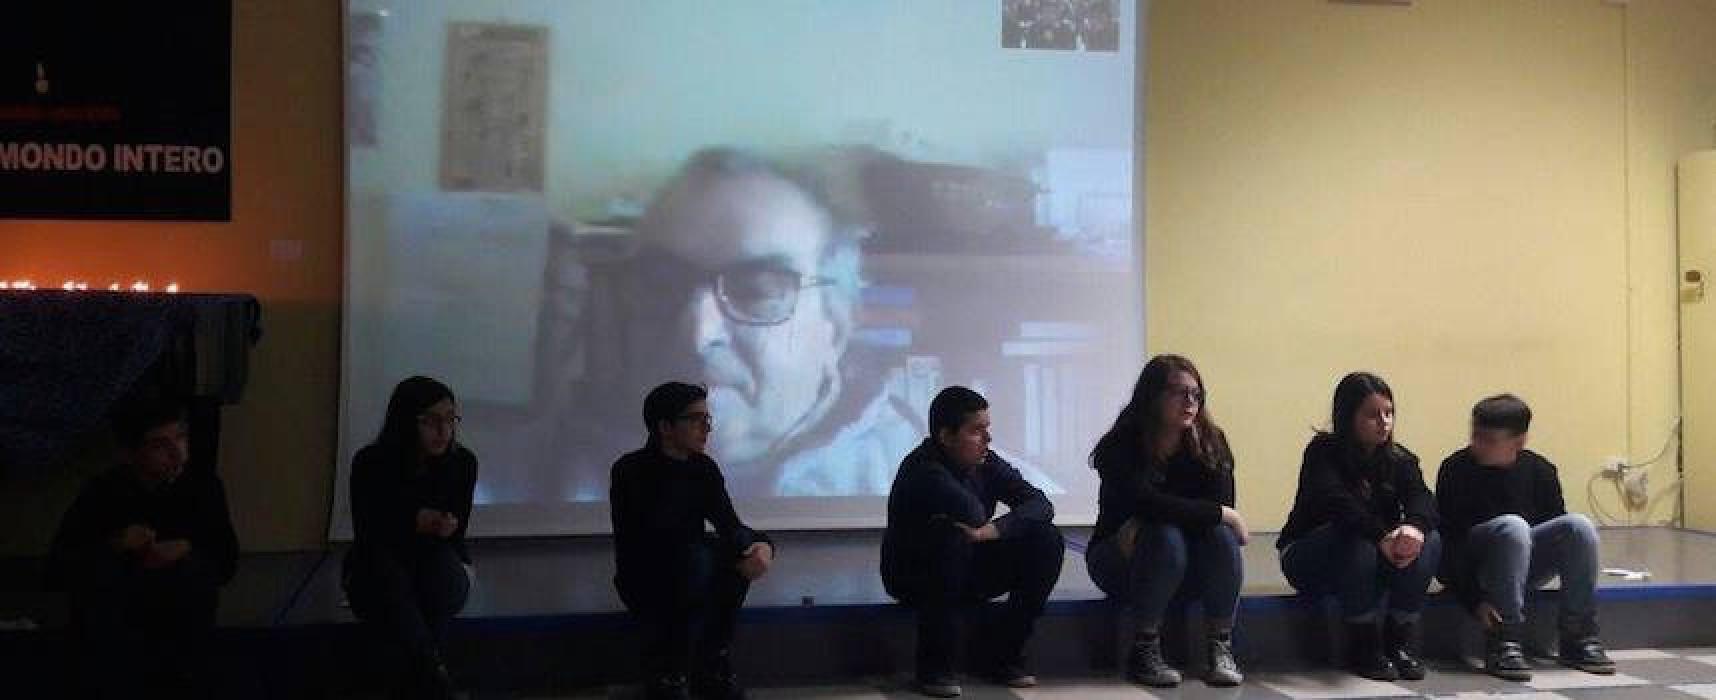 Giornata della Memoria, una settimana di eventi alla Monterisi per non dimenticare il passato